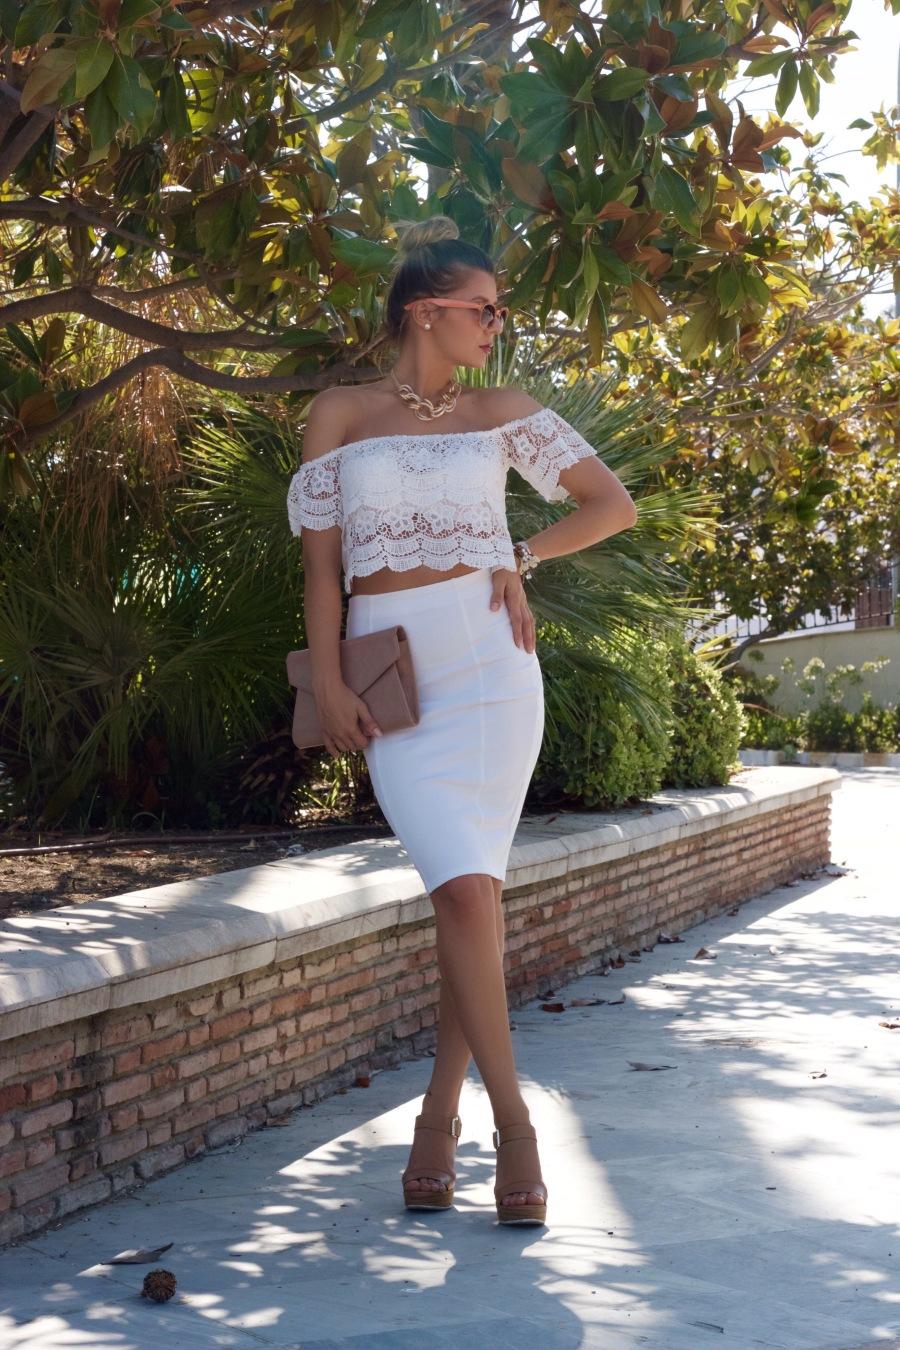 dresslink offshoulders crop top lace mbcos pensil skirt